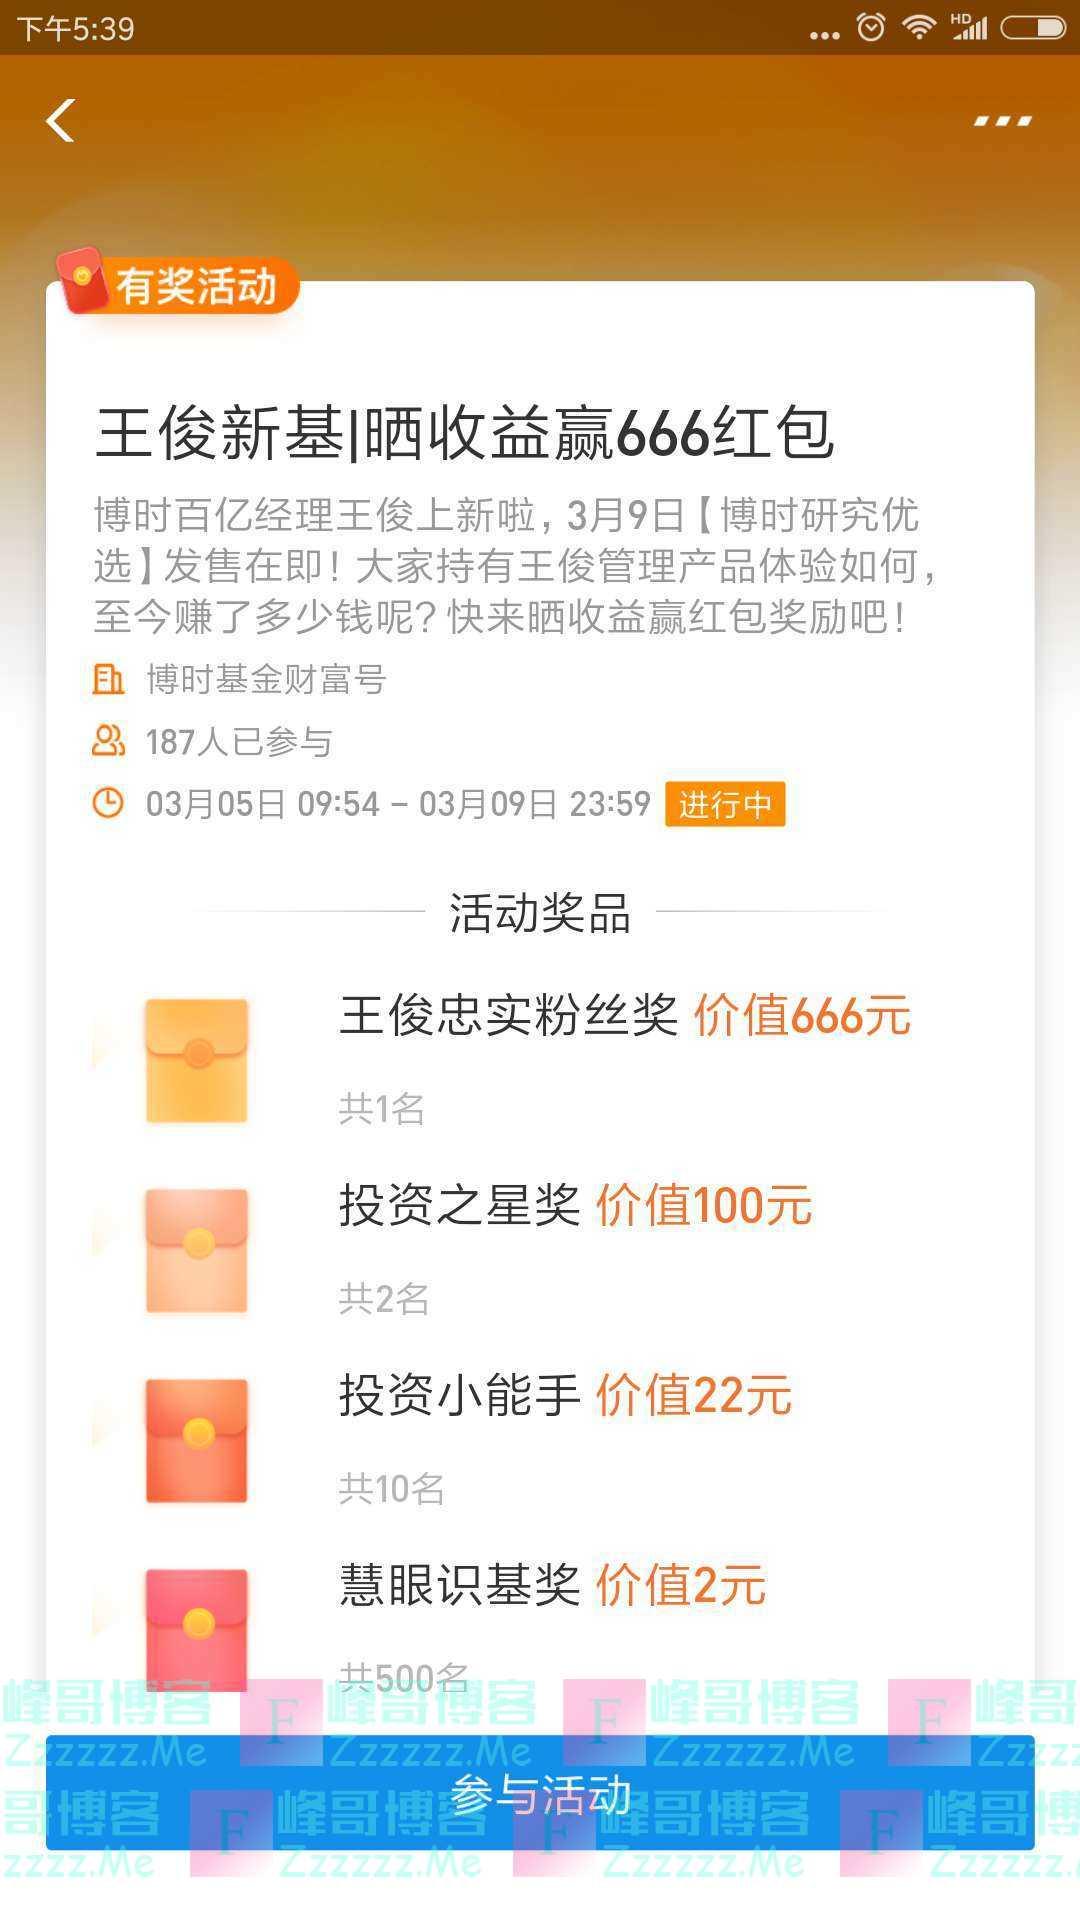 博时基金王俊新基 晒收益赢666红包(截止3月9日)